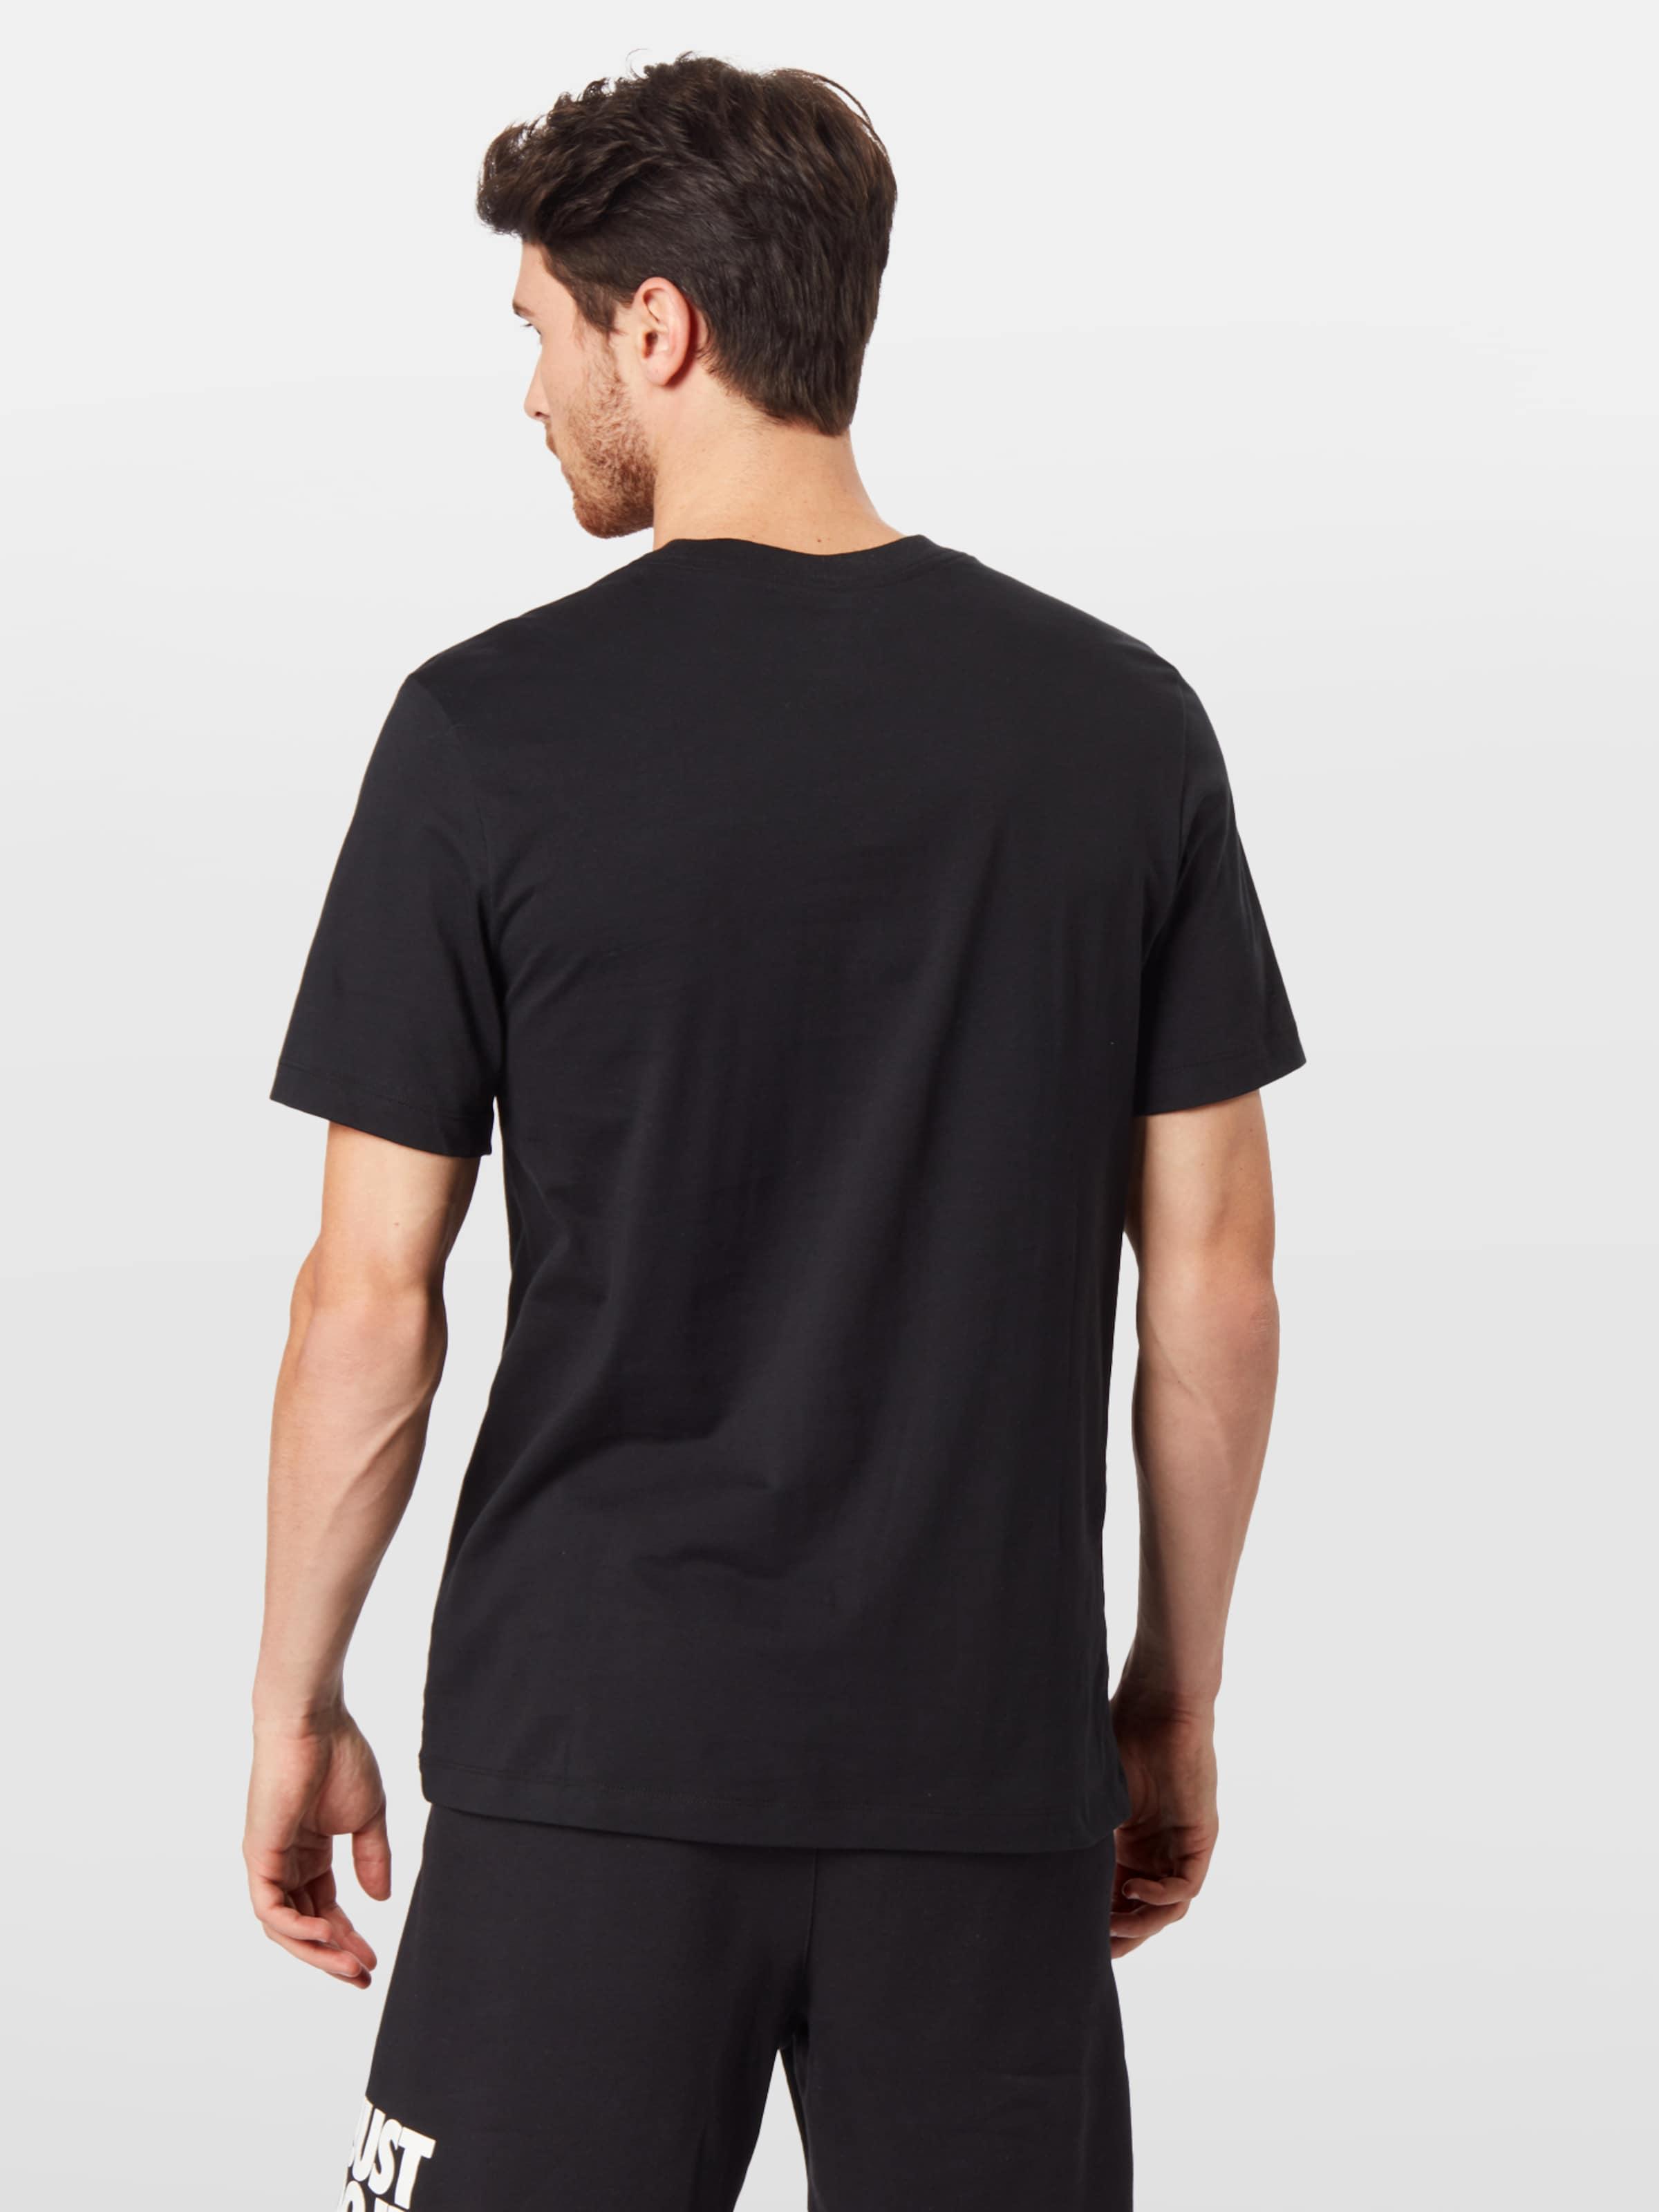 Noir Tee Nsw Sunset Sportswear 'm En shirt T Nike Palm' 4j5RAL